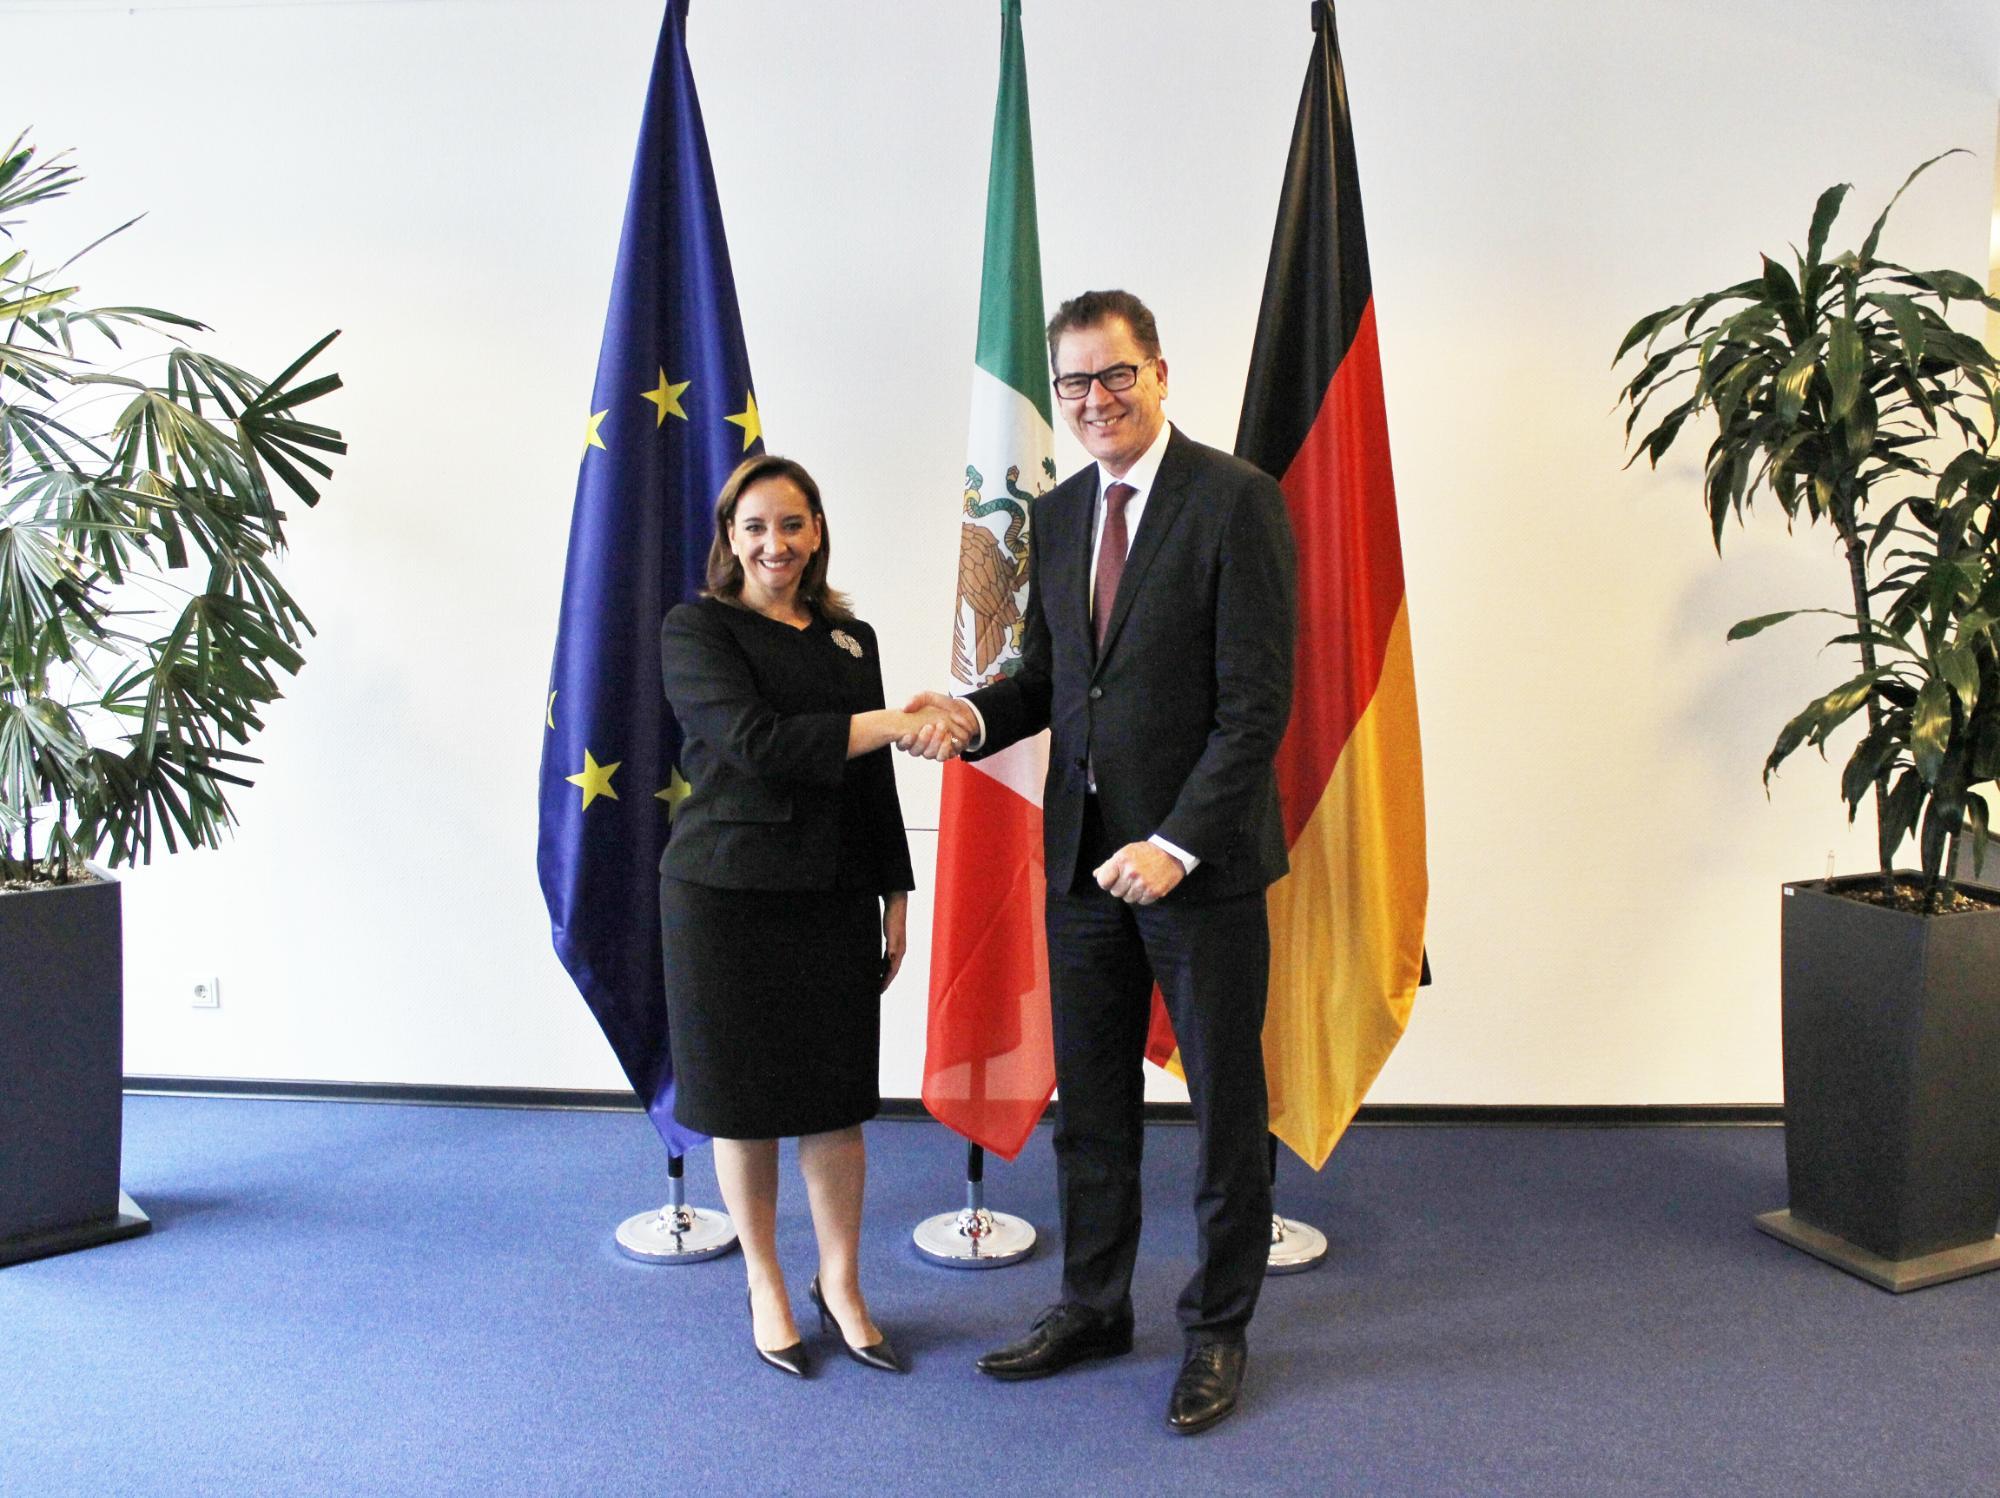 FOTO 1 Canciller Claudia Ruiz Massieu con el Ministro Federal de Cooperaci n Econ mica y Desarrollo  Gerd M llerjpg